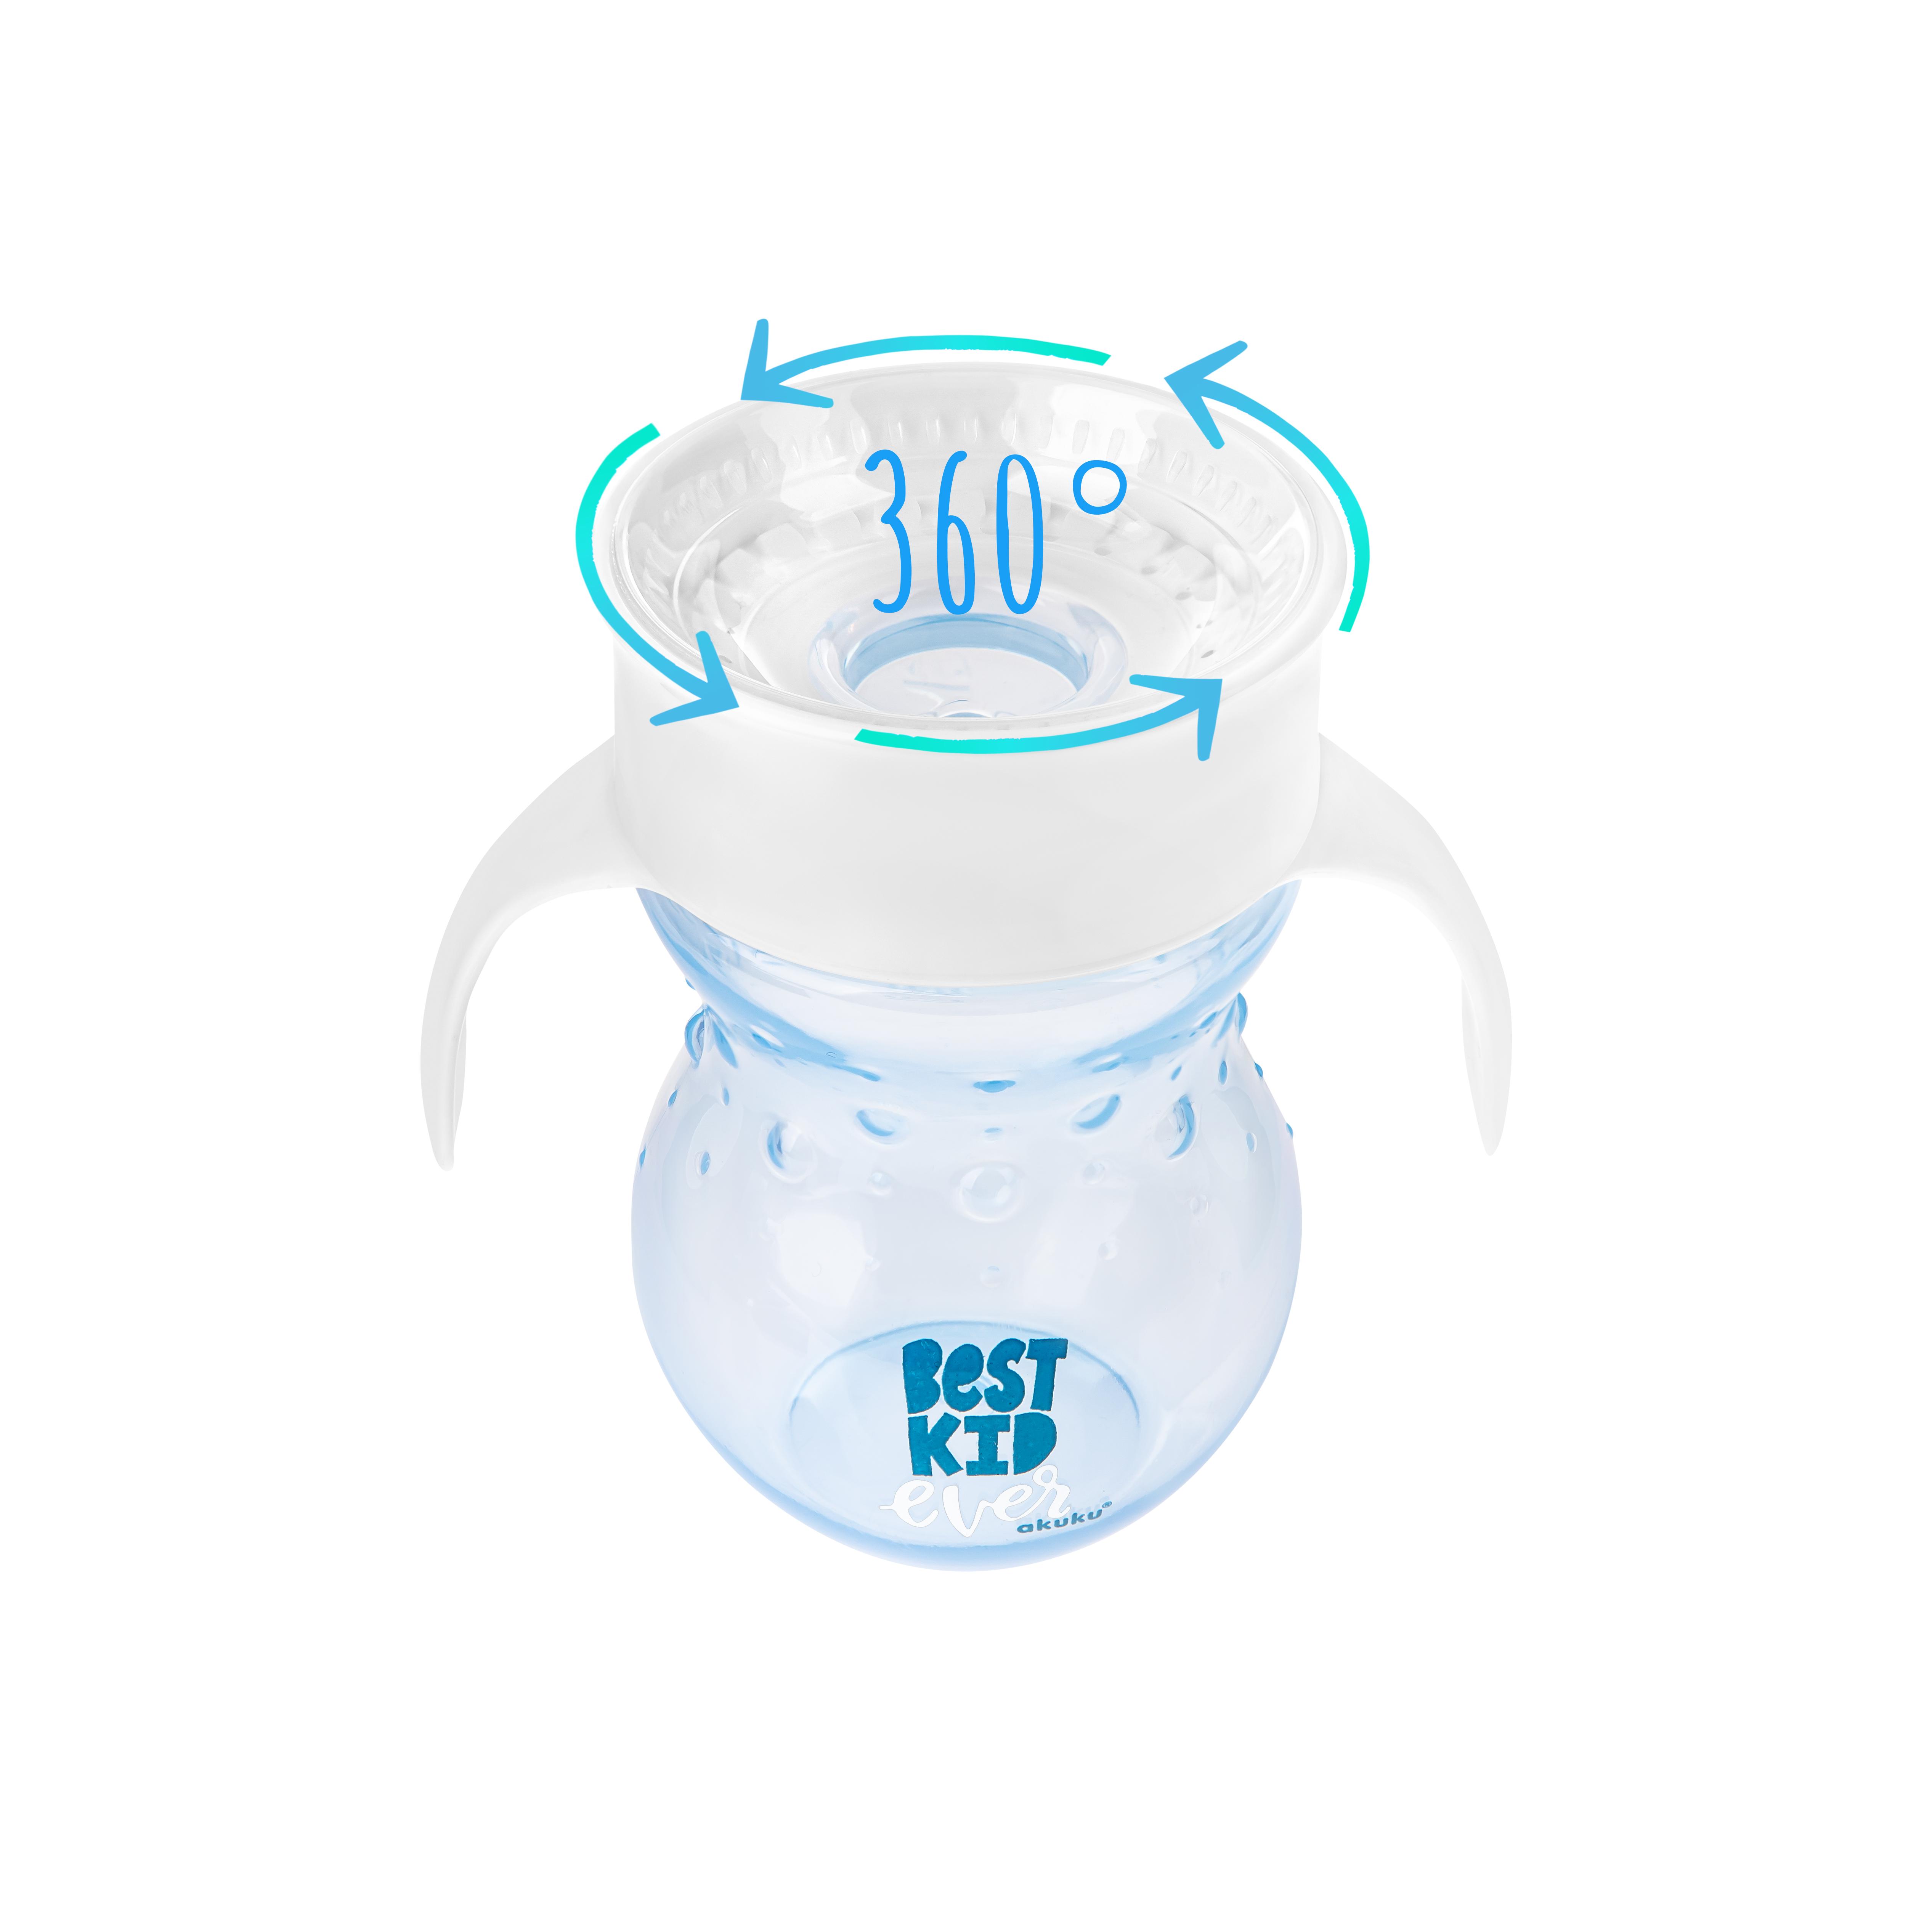 Akuku neišsiliejantis puodelis - gertuvė nuo 12 mėn. 360°, A0010